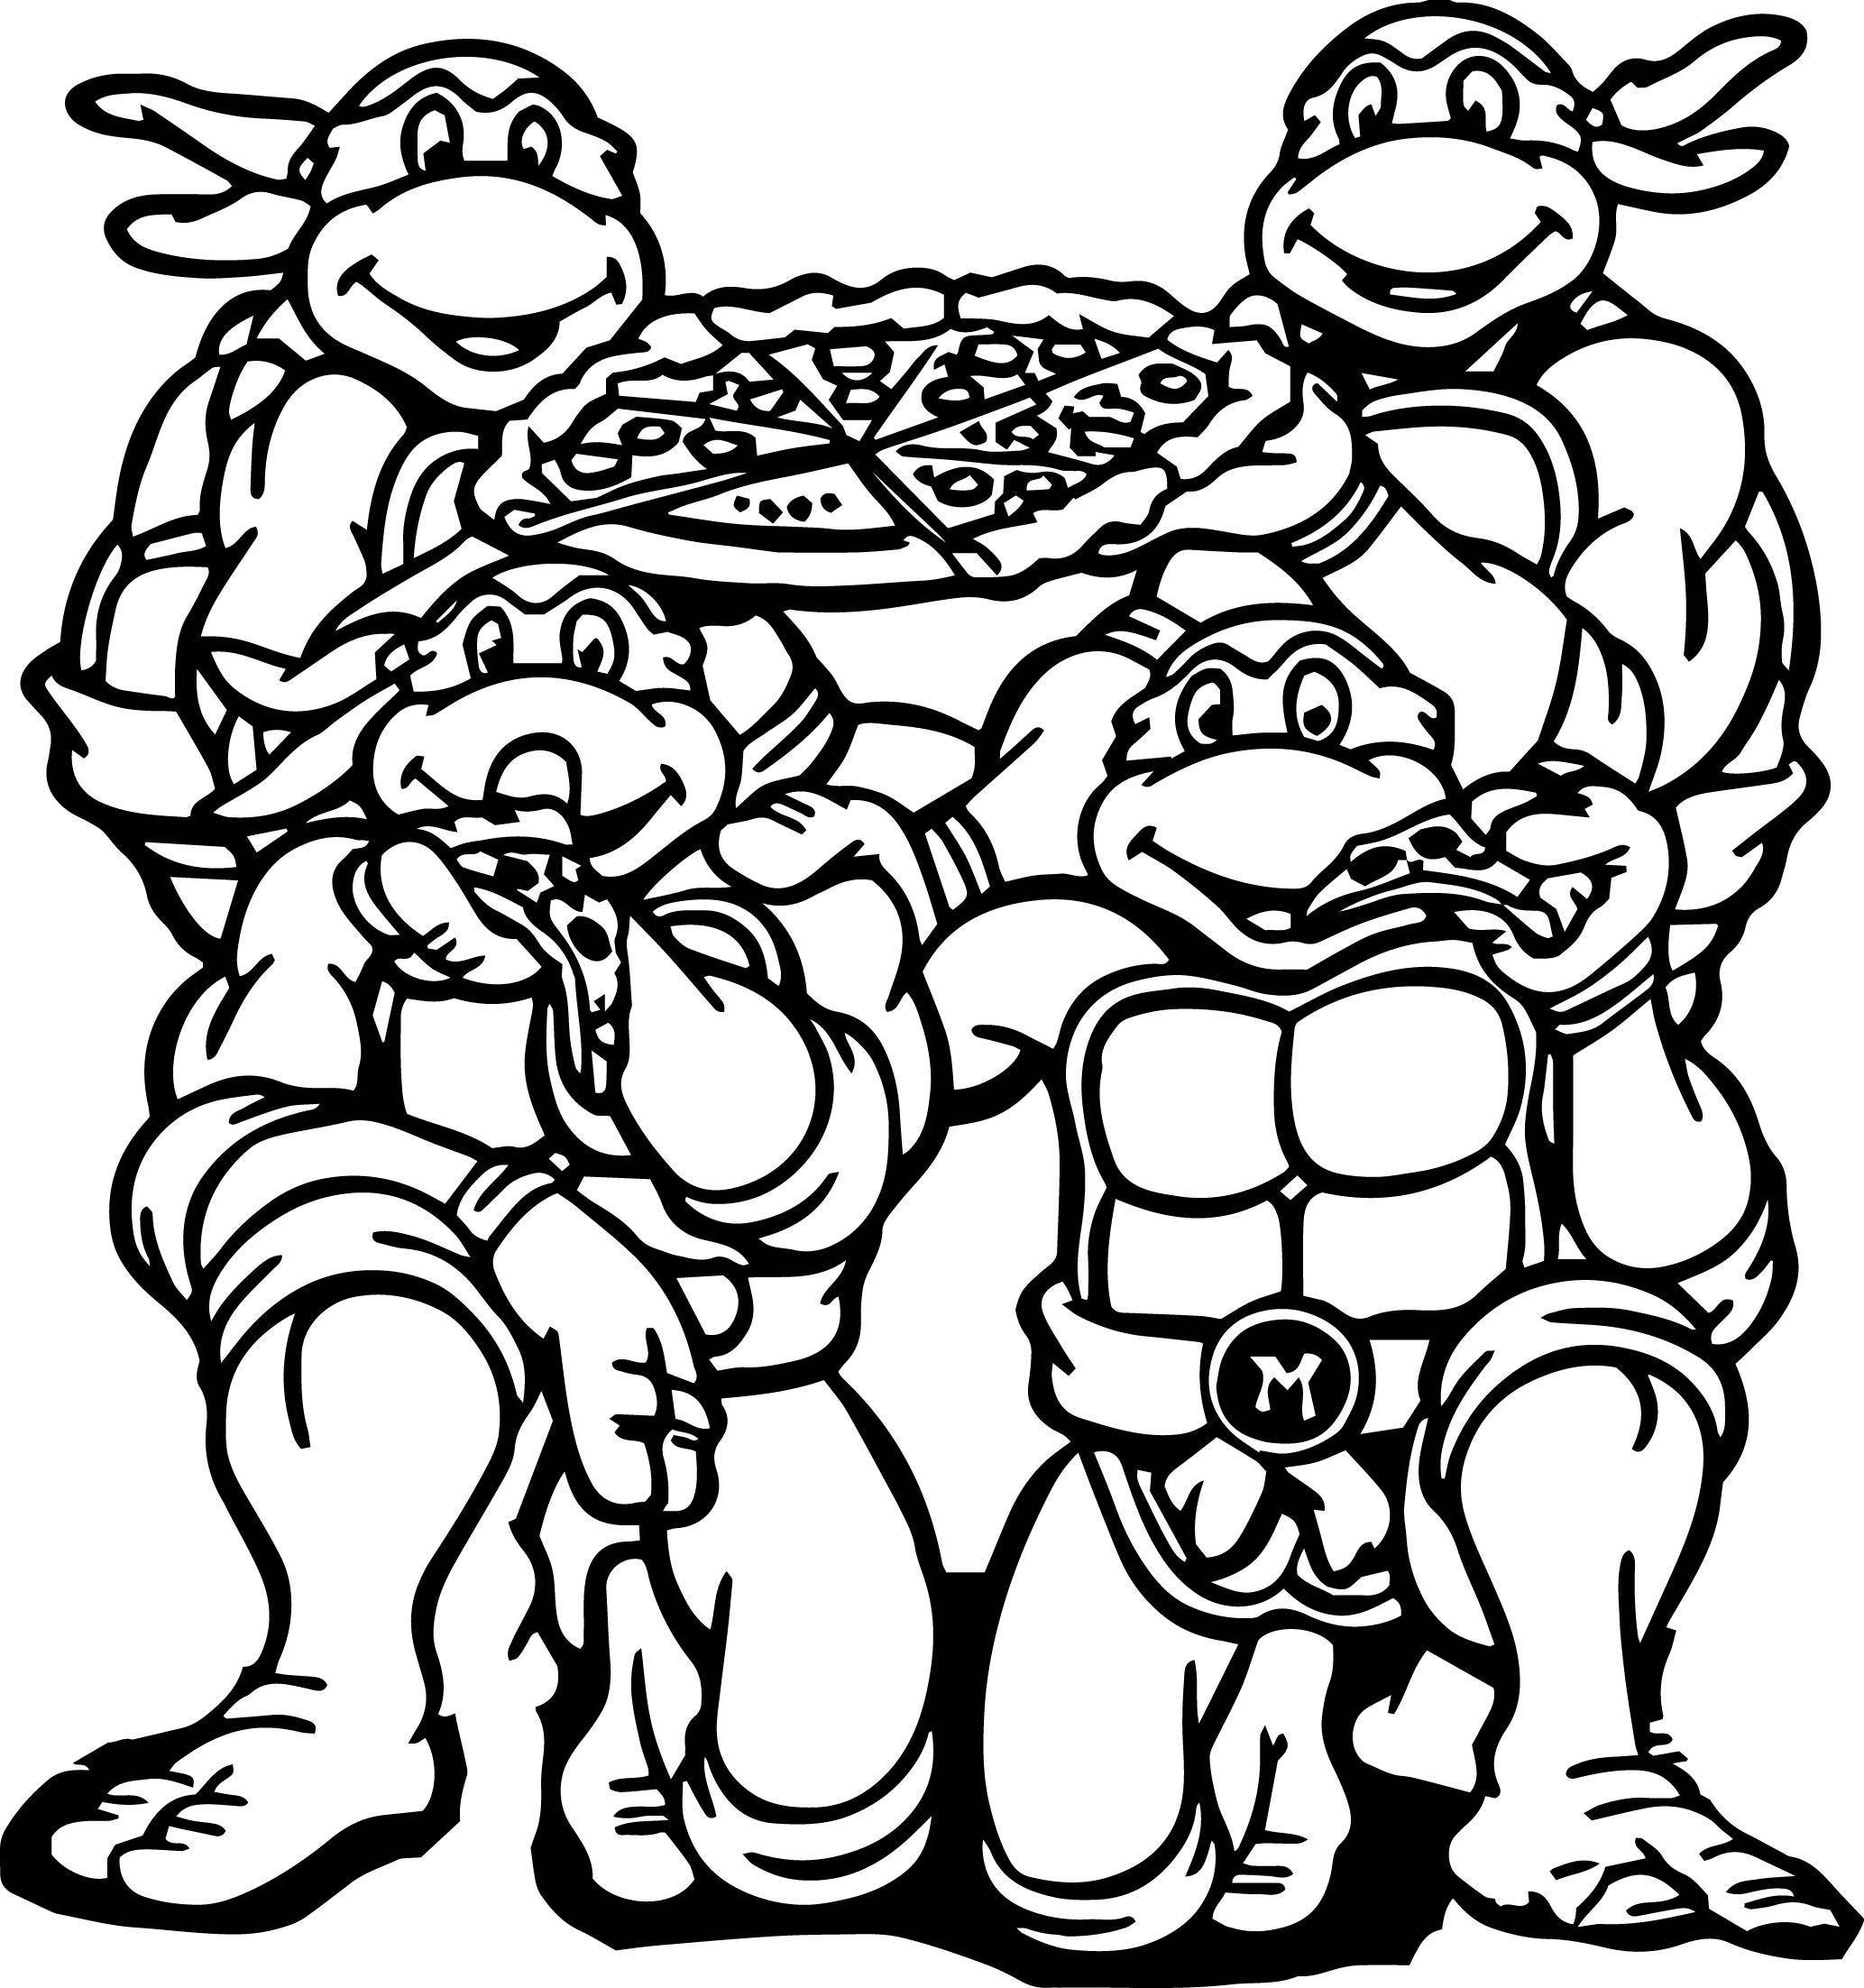 2067x2204 Nickelodeon Ninja Turtles Coloring Pages Best Of Teenage Mutant